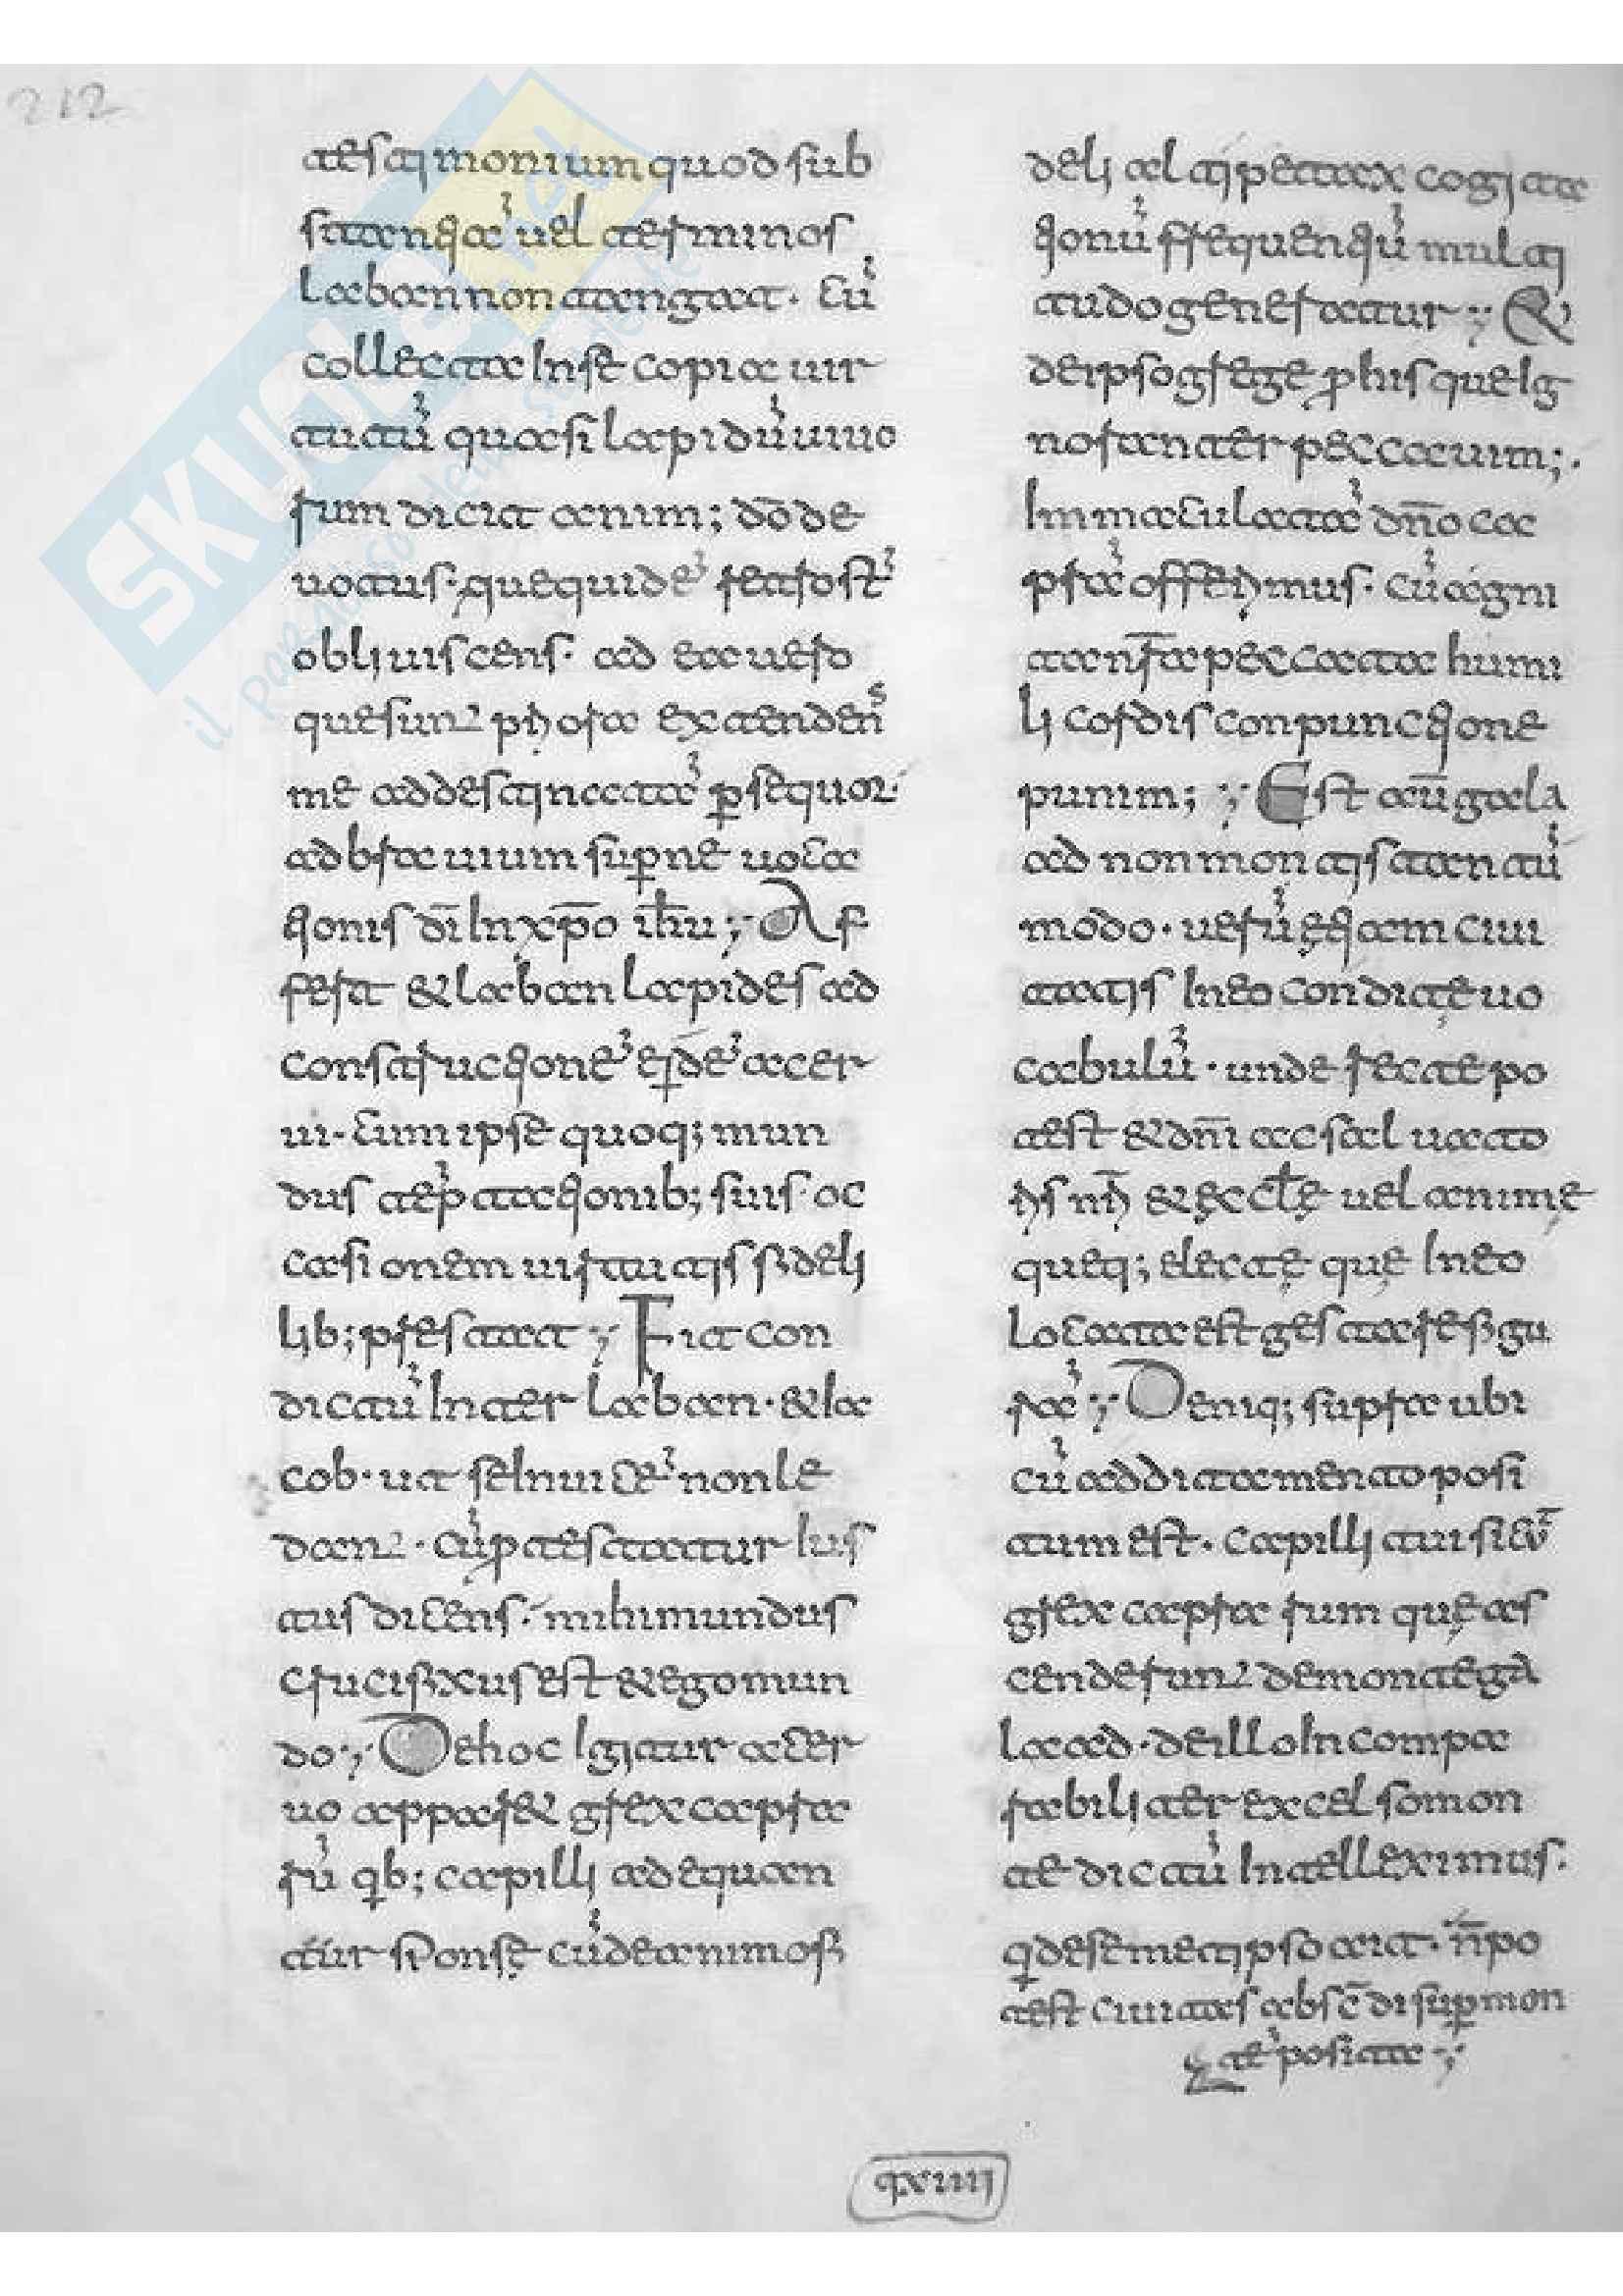 Montecassino, Archivio dell'Abbazia 42, p. 212 Pag. 1